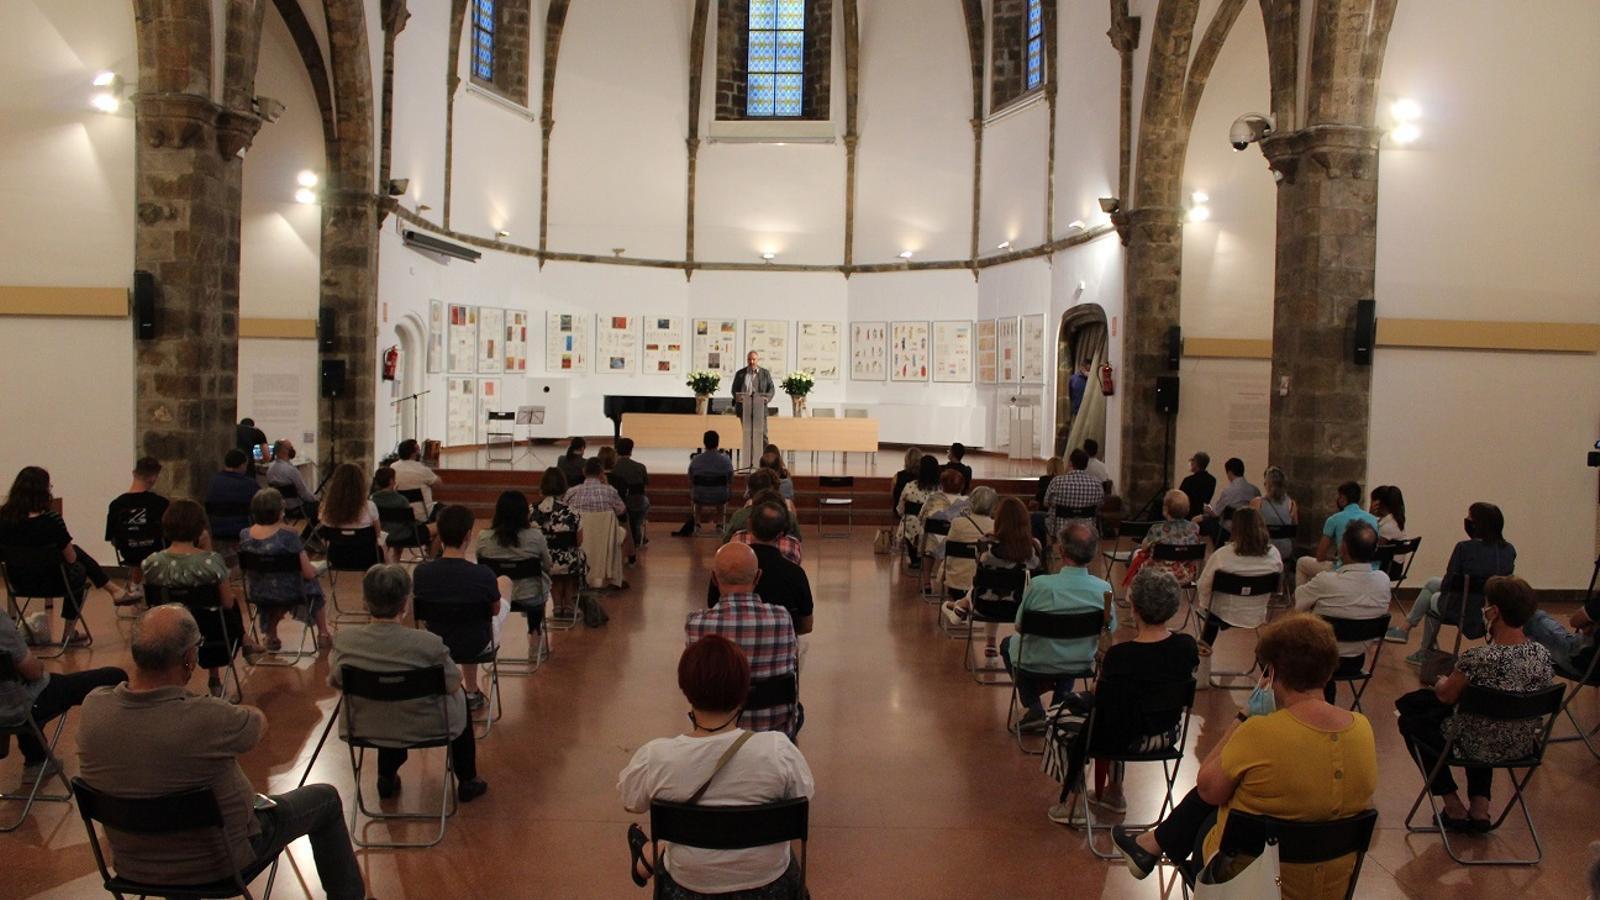 Un moment de l'acte celebrat a la Seu d'Urgell. / AJUNTAMENT DE LA SEU